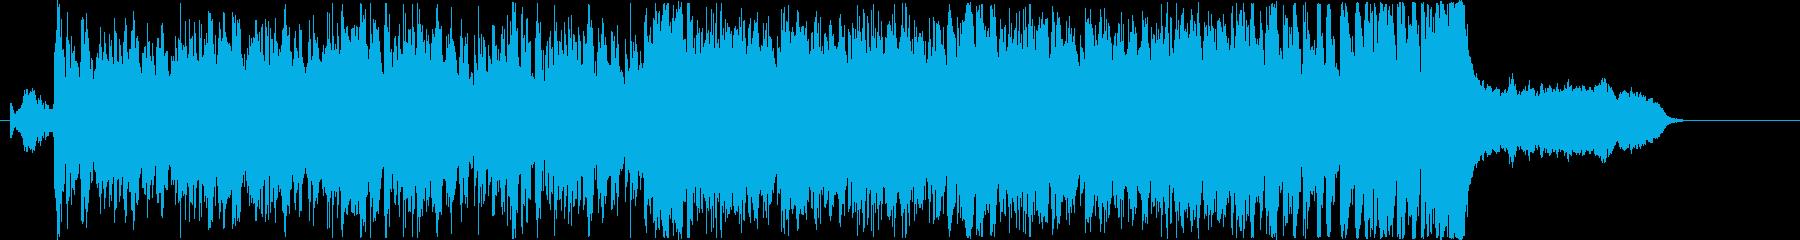 オーケストラ、民族楽器を使用したBGMの再生済みの波形